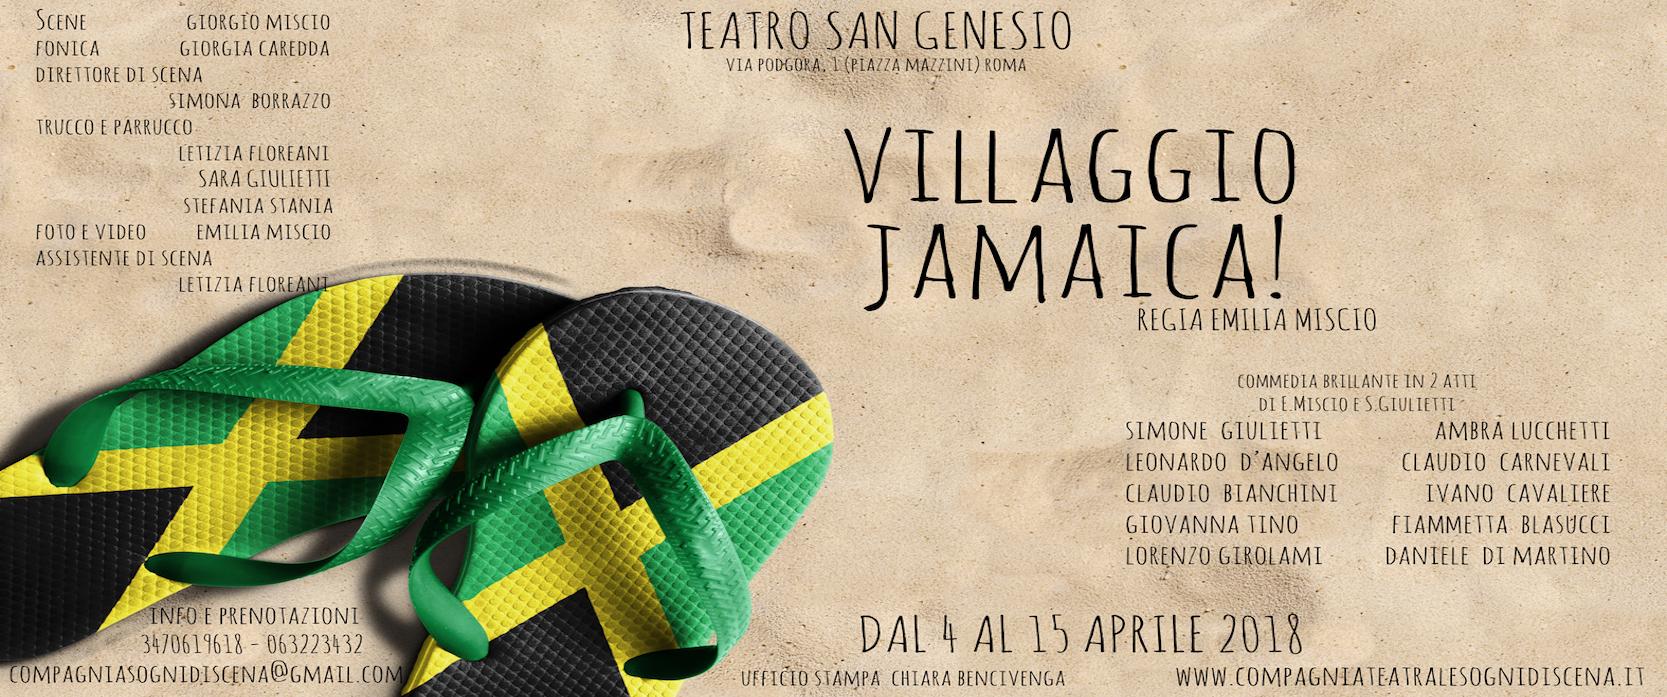 VILLAGGIO JAMAICA! di Emilia Miscio e Simone Giulietti